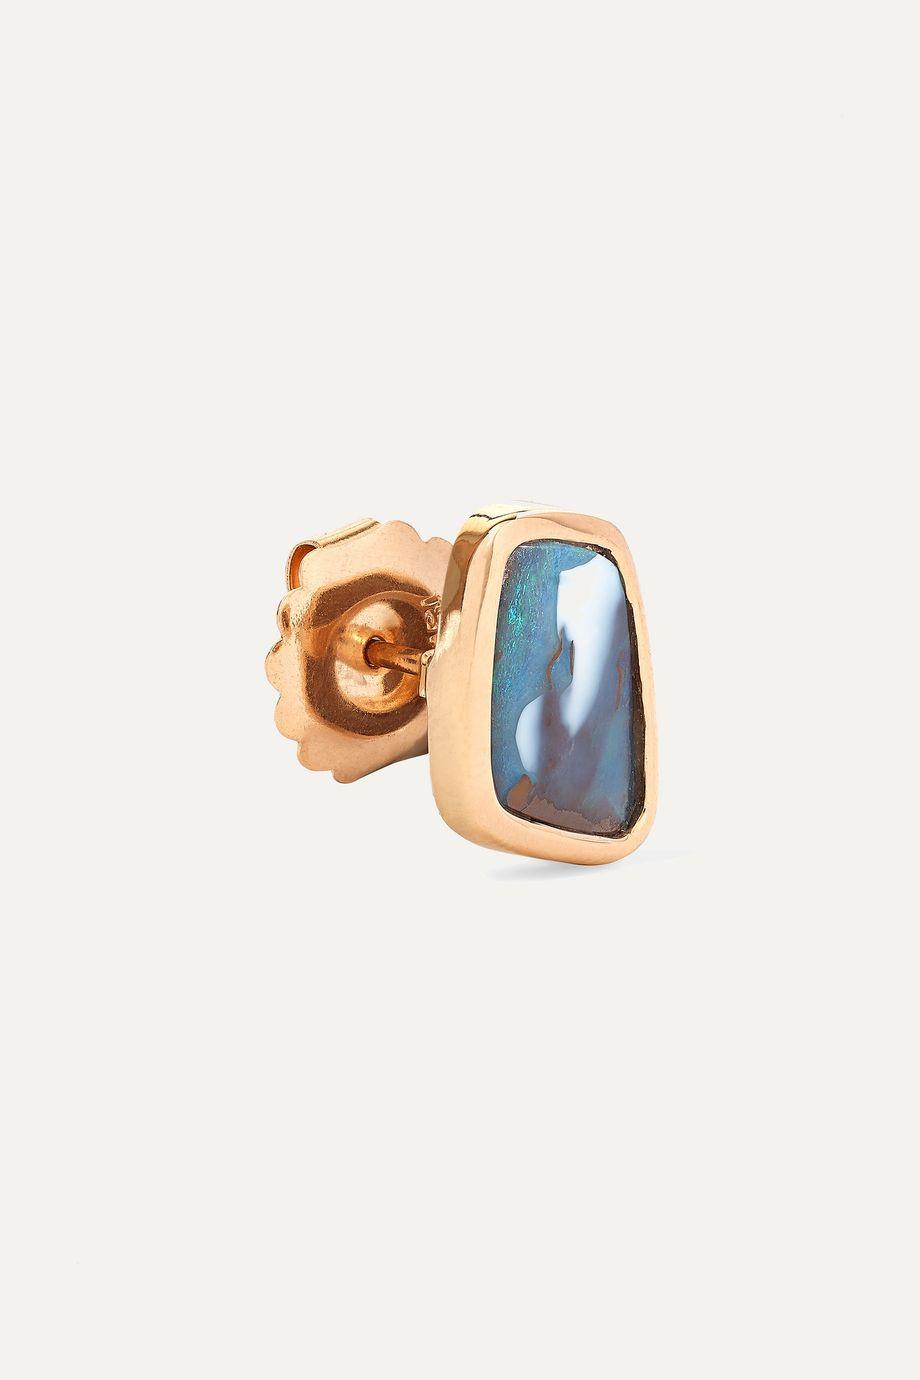 Kimberly McDonald + NET SUSTAIN 18-karat rose gold opal earrings